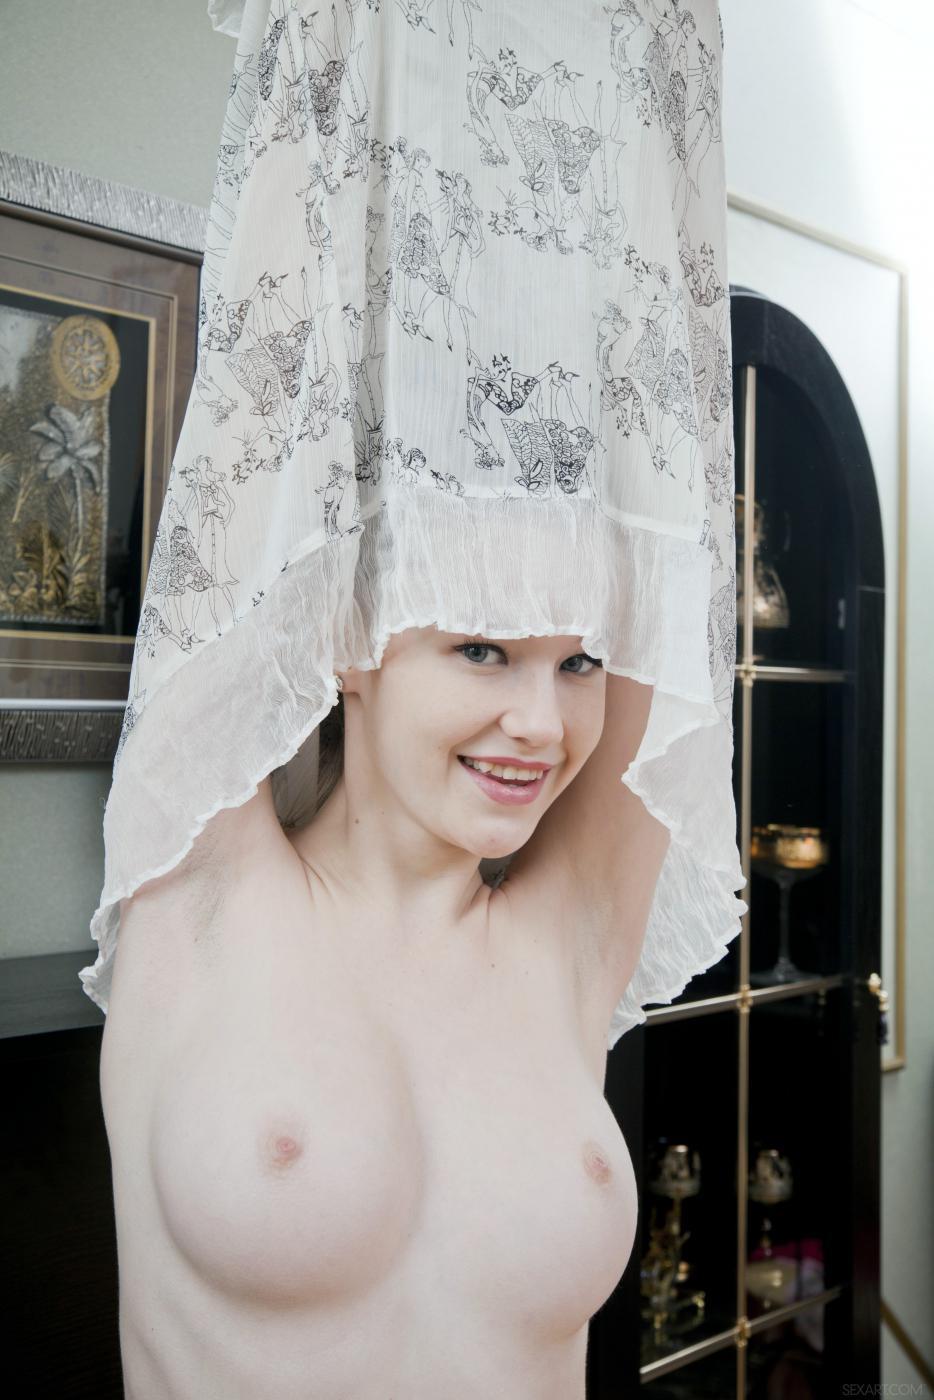 Негодная красотка-брюнетка Emily Bloom похотливо снимает одежду, соблазняя раздетым торсом